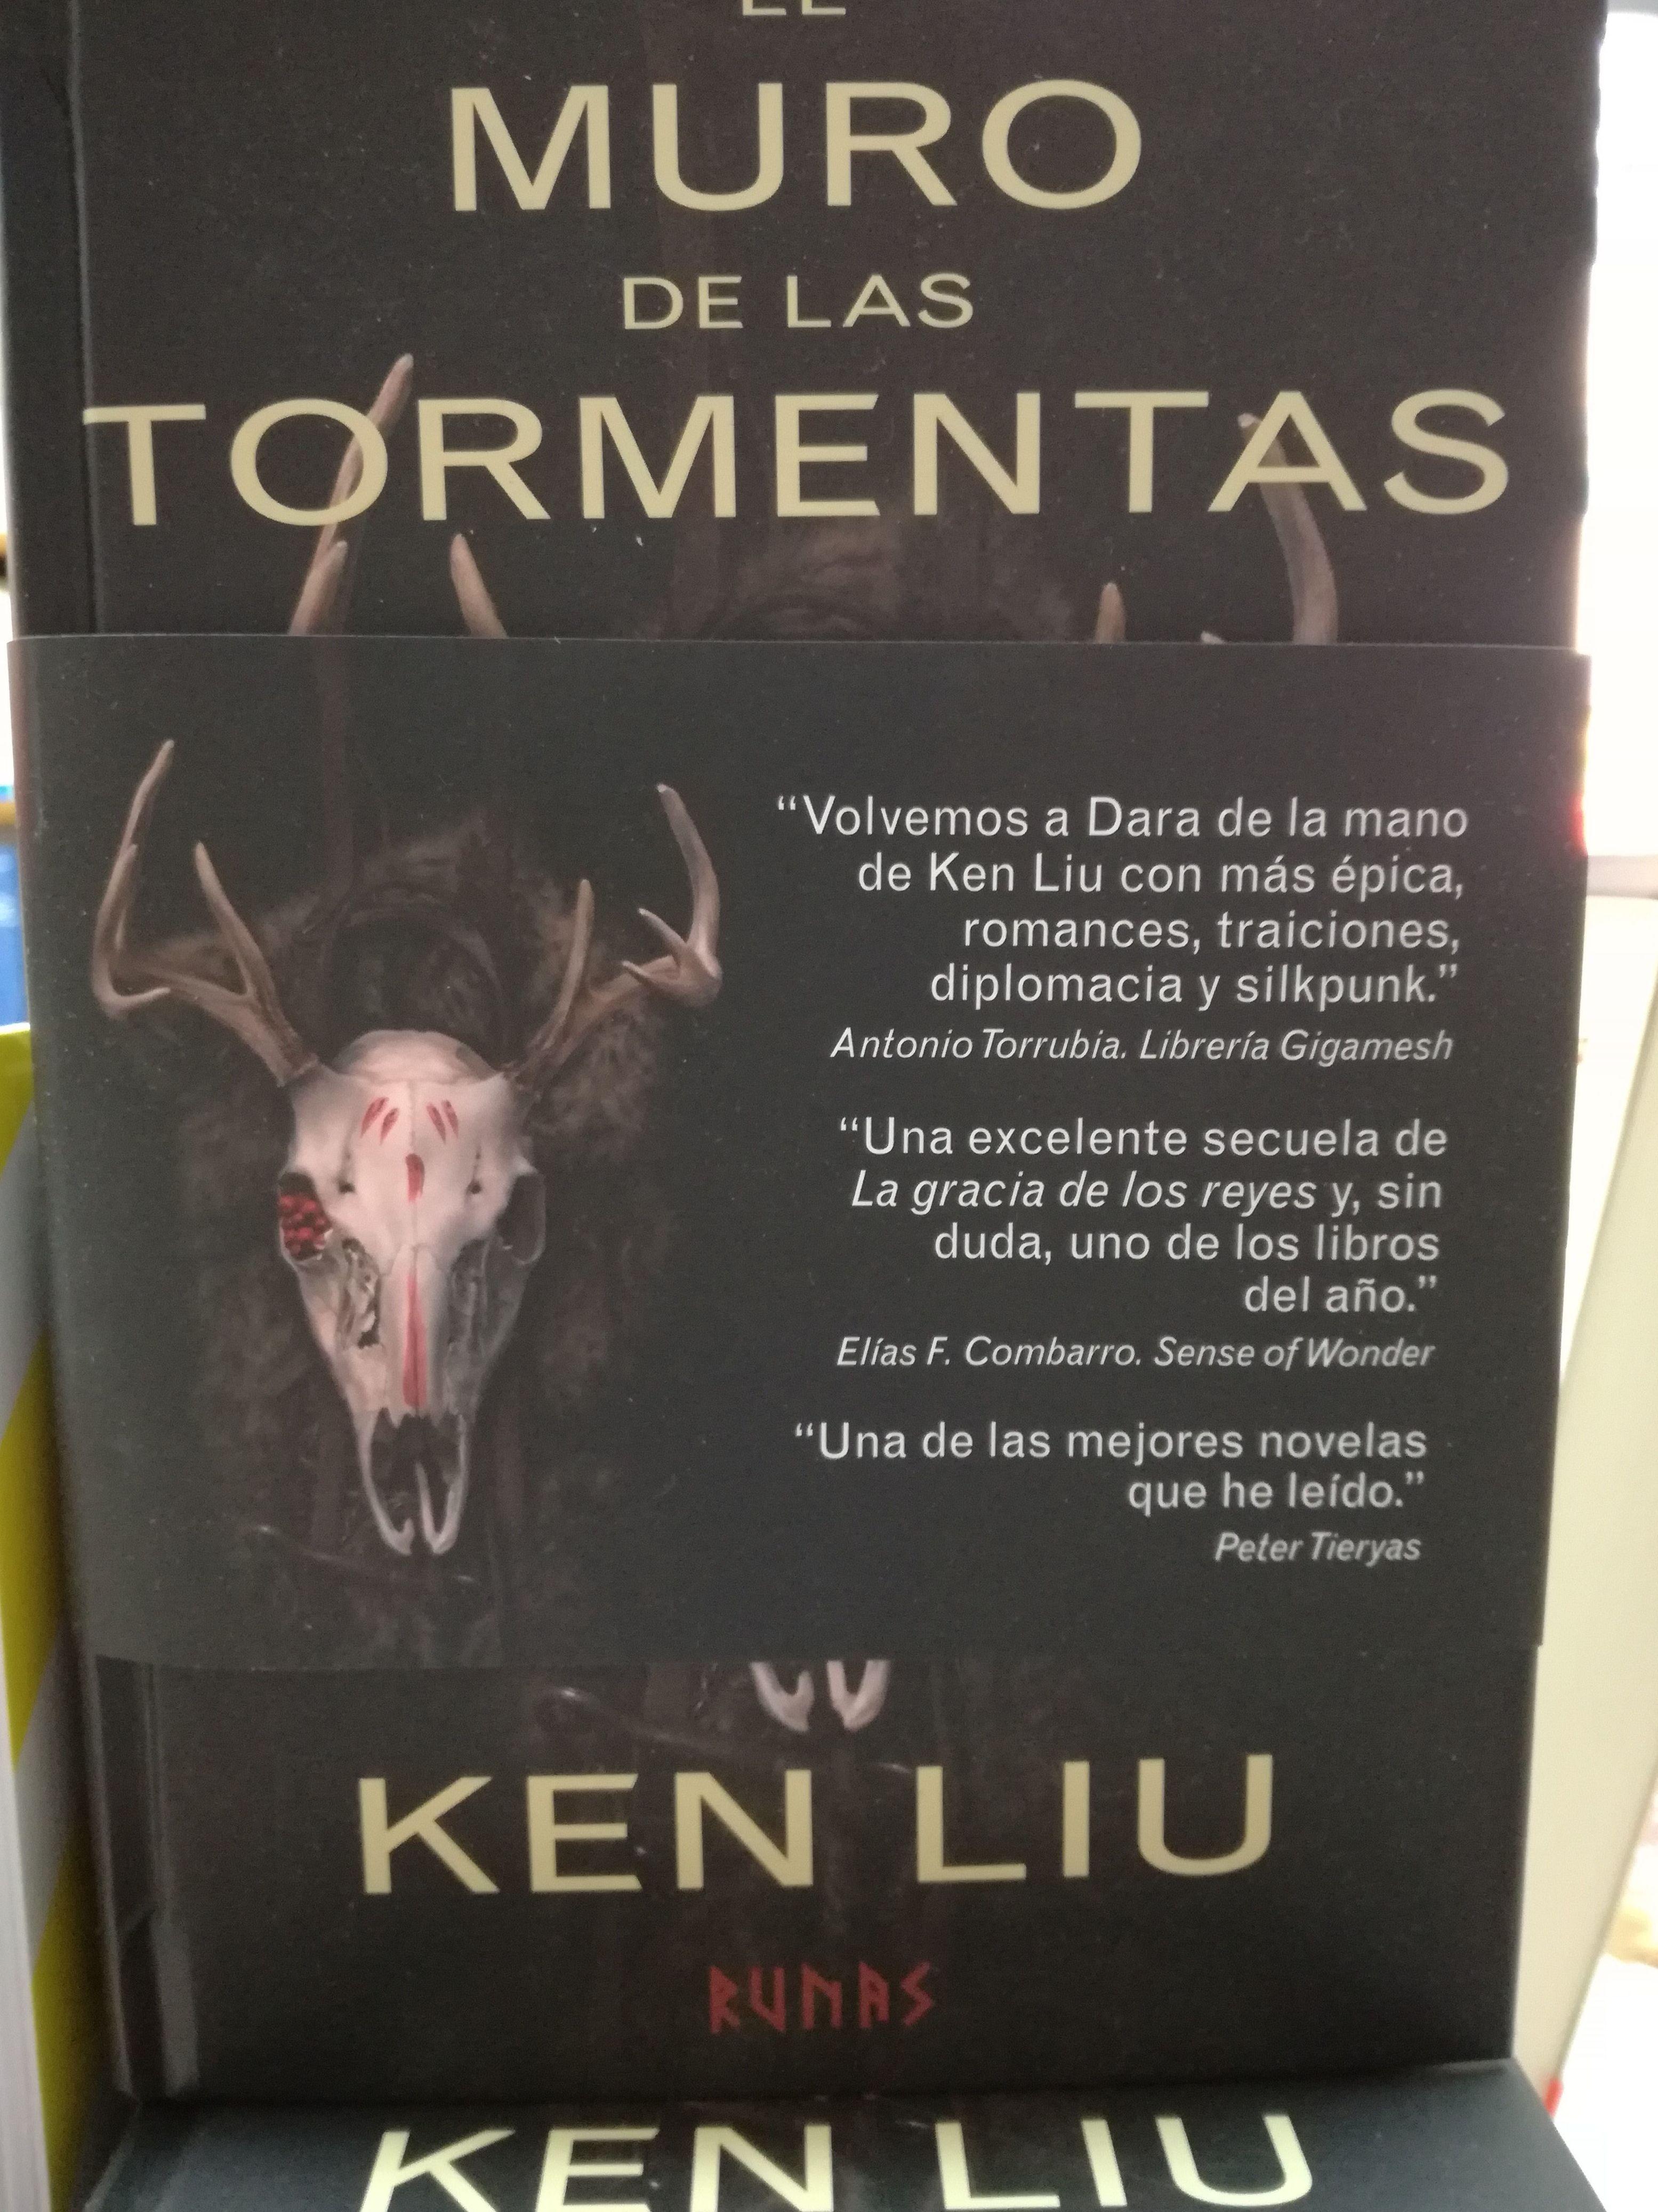 EL MURO DE LAS TORMENTAS : SECCIONES de Librería Nueva Plaza Universitaria